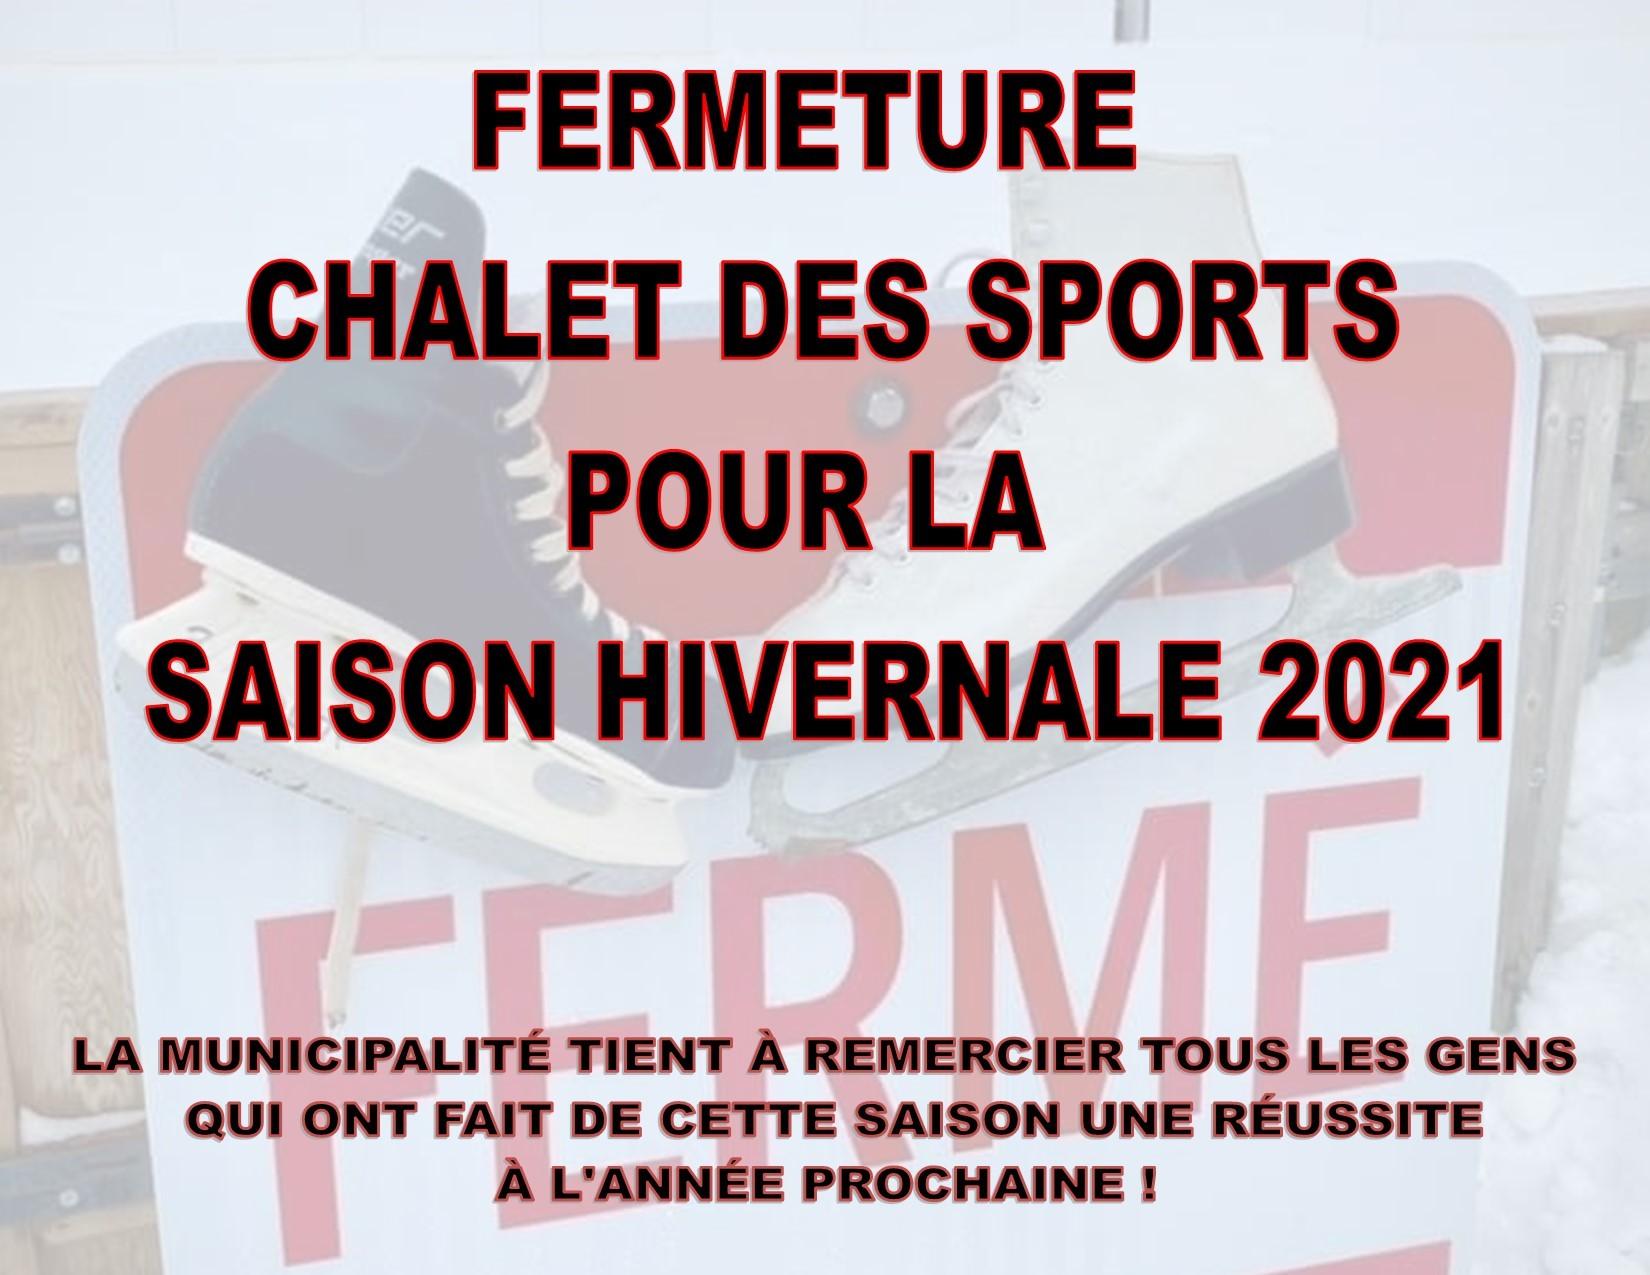 Fermeture du Chalet des sports 2021